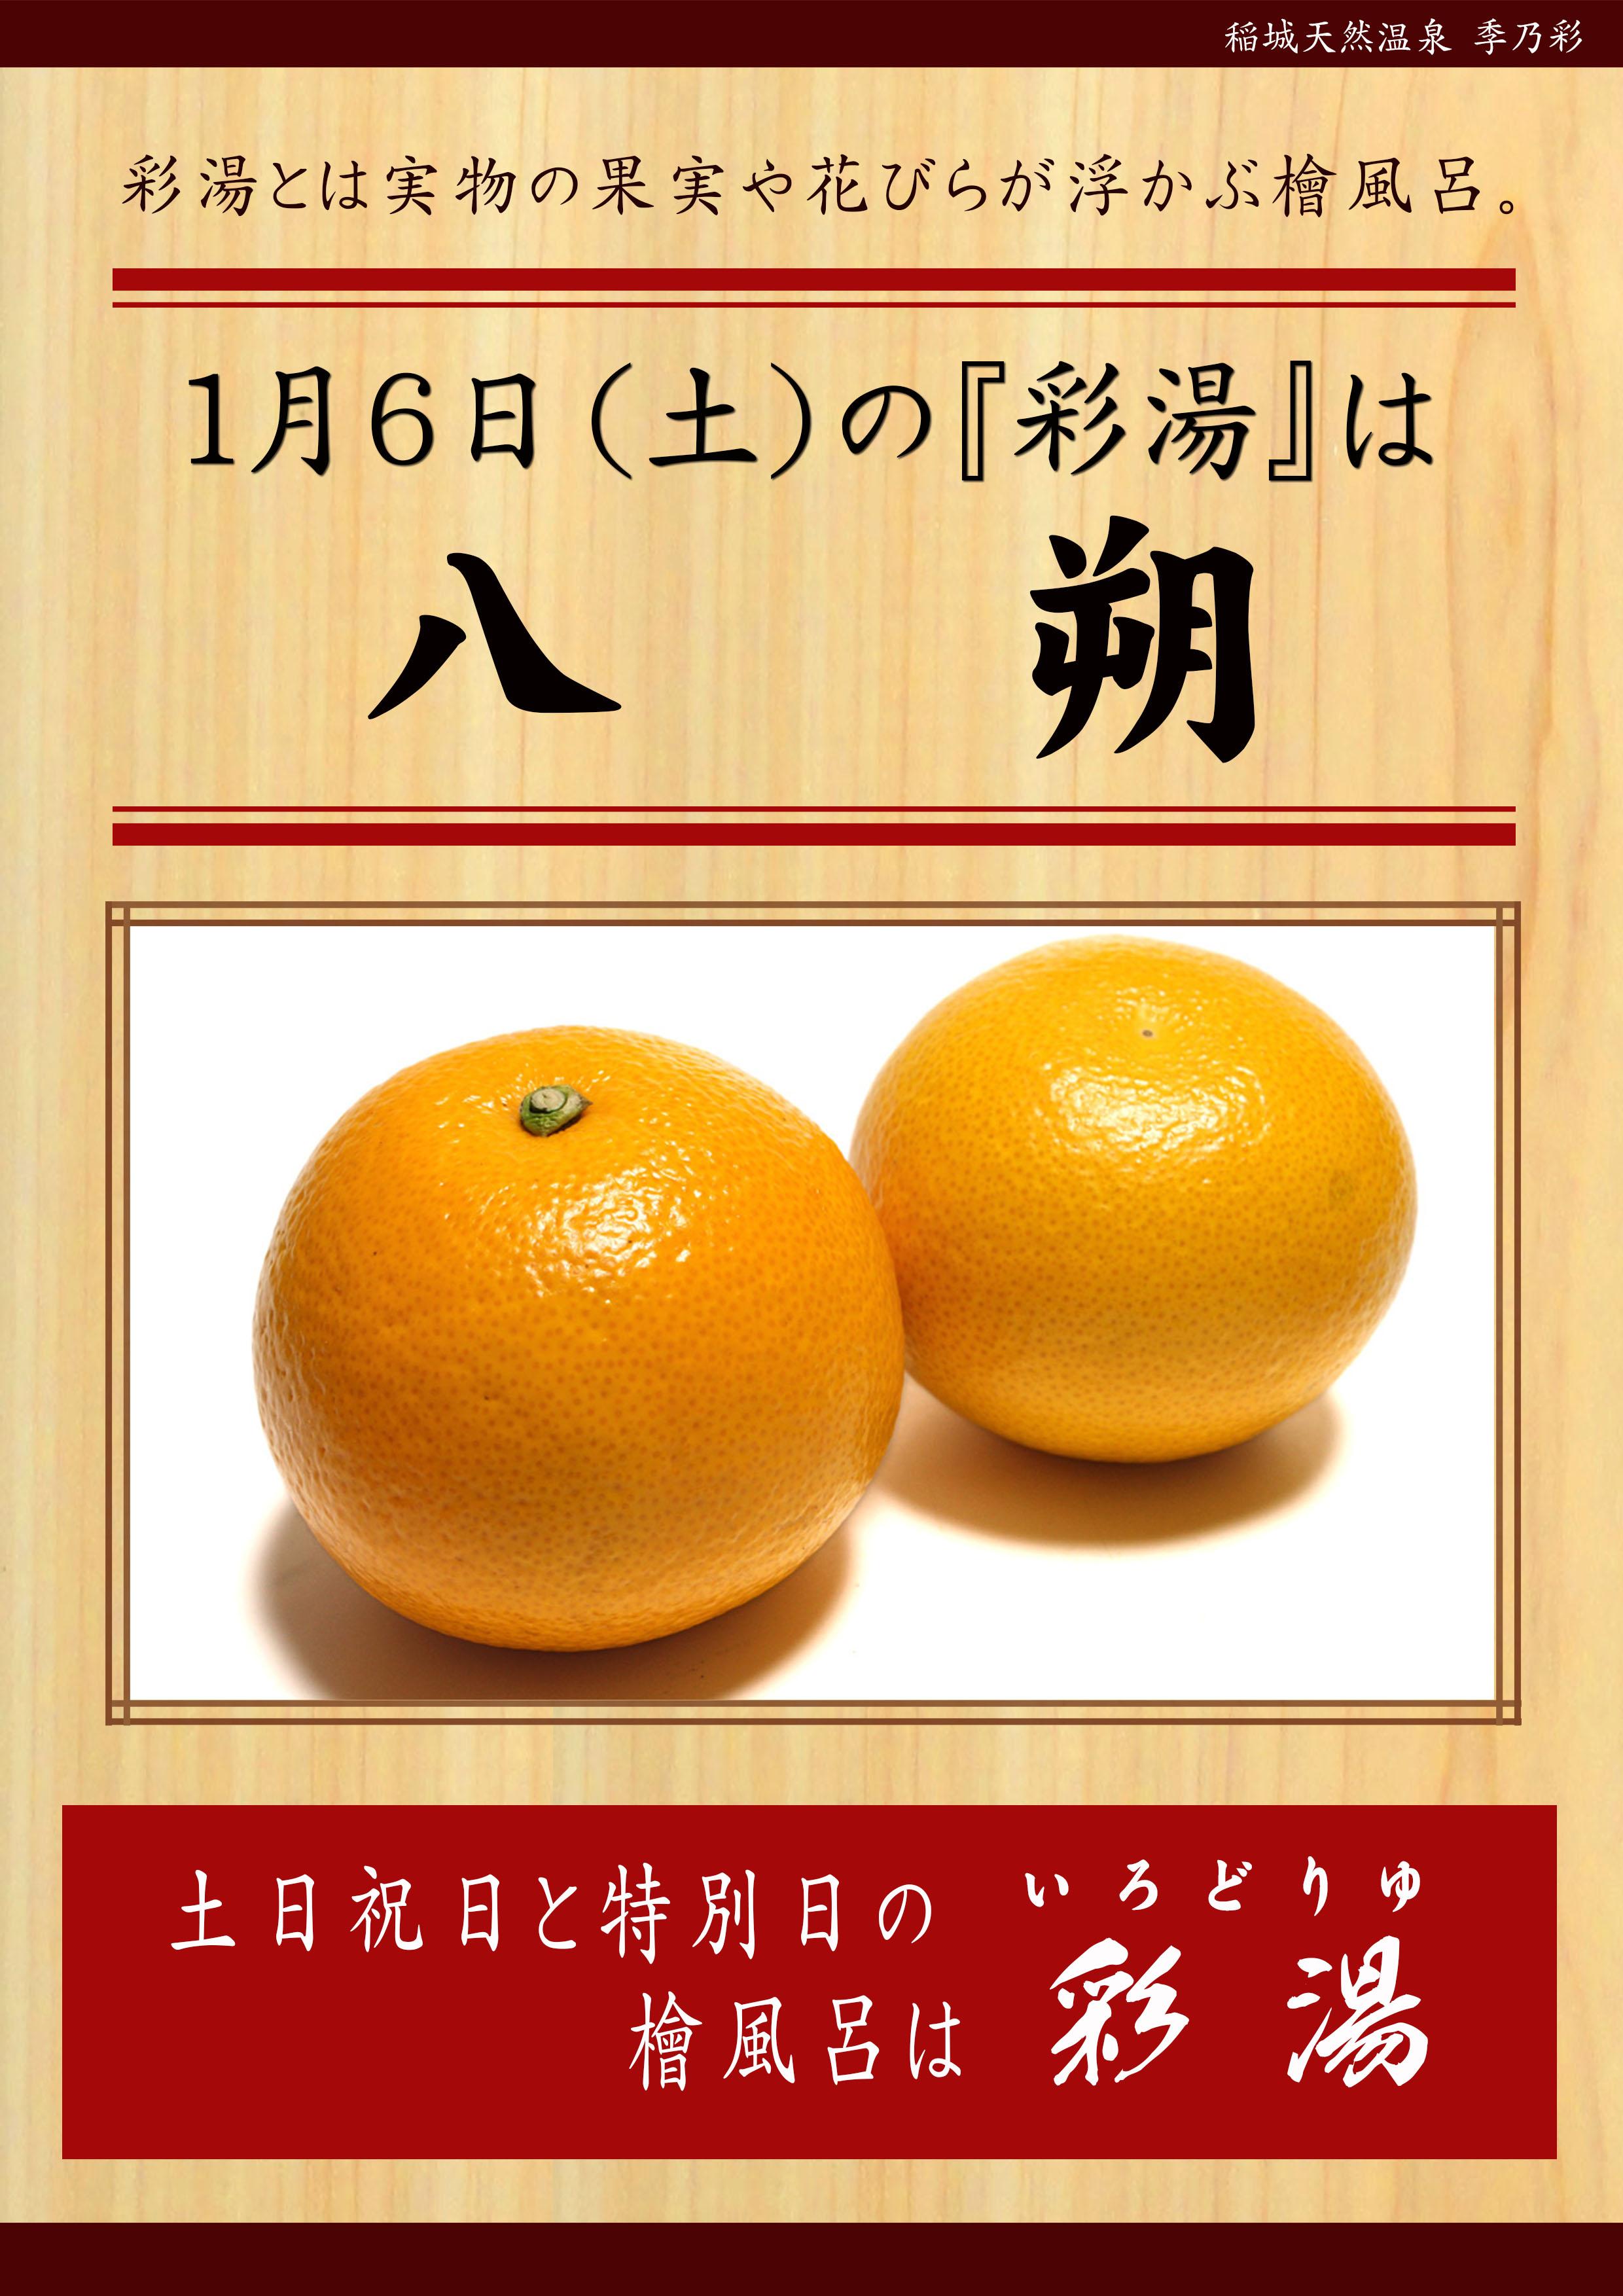 20180106POP イベント 彩湯 八朔